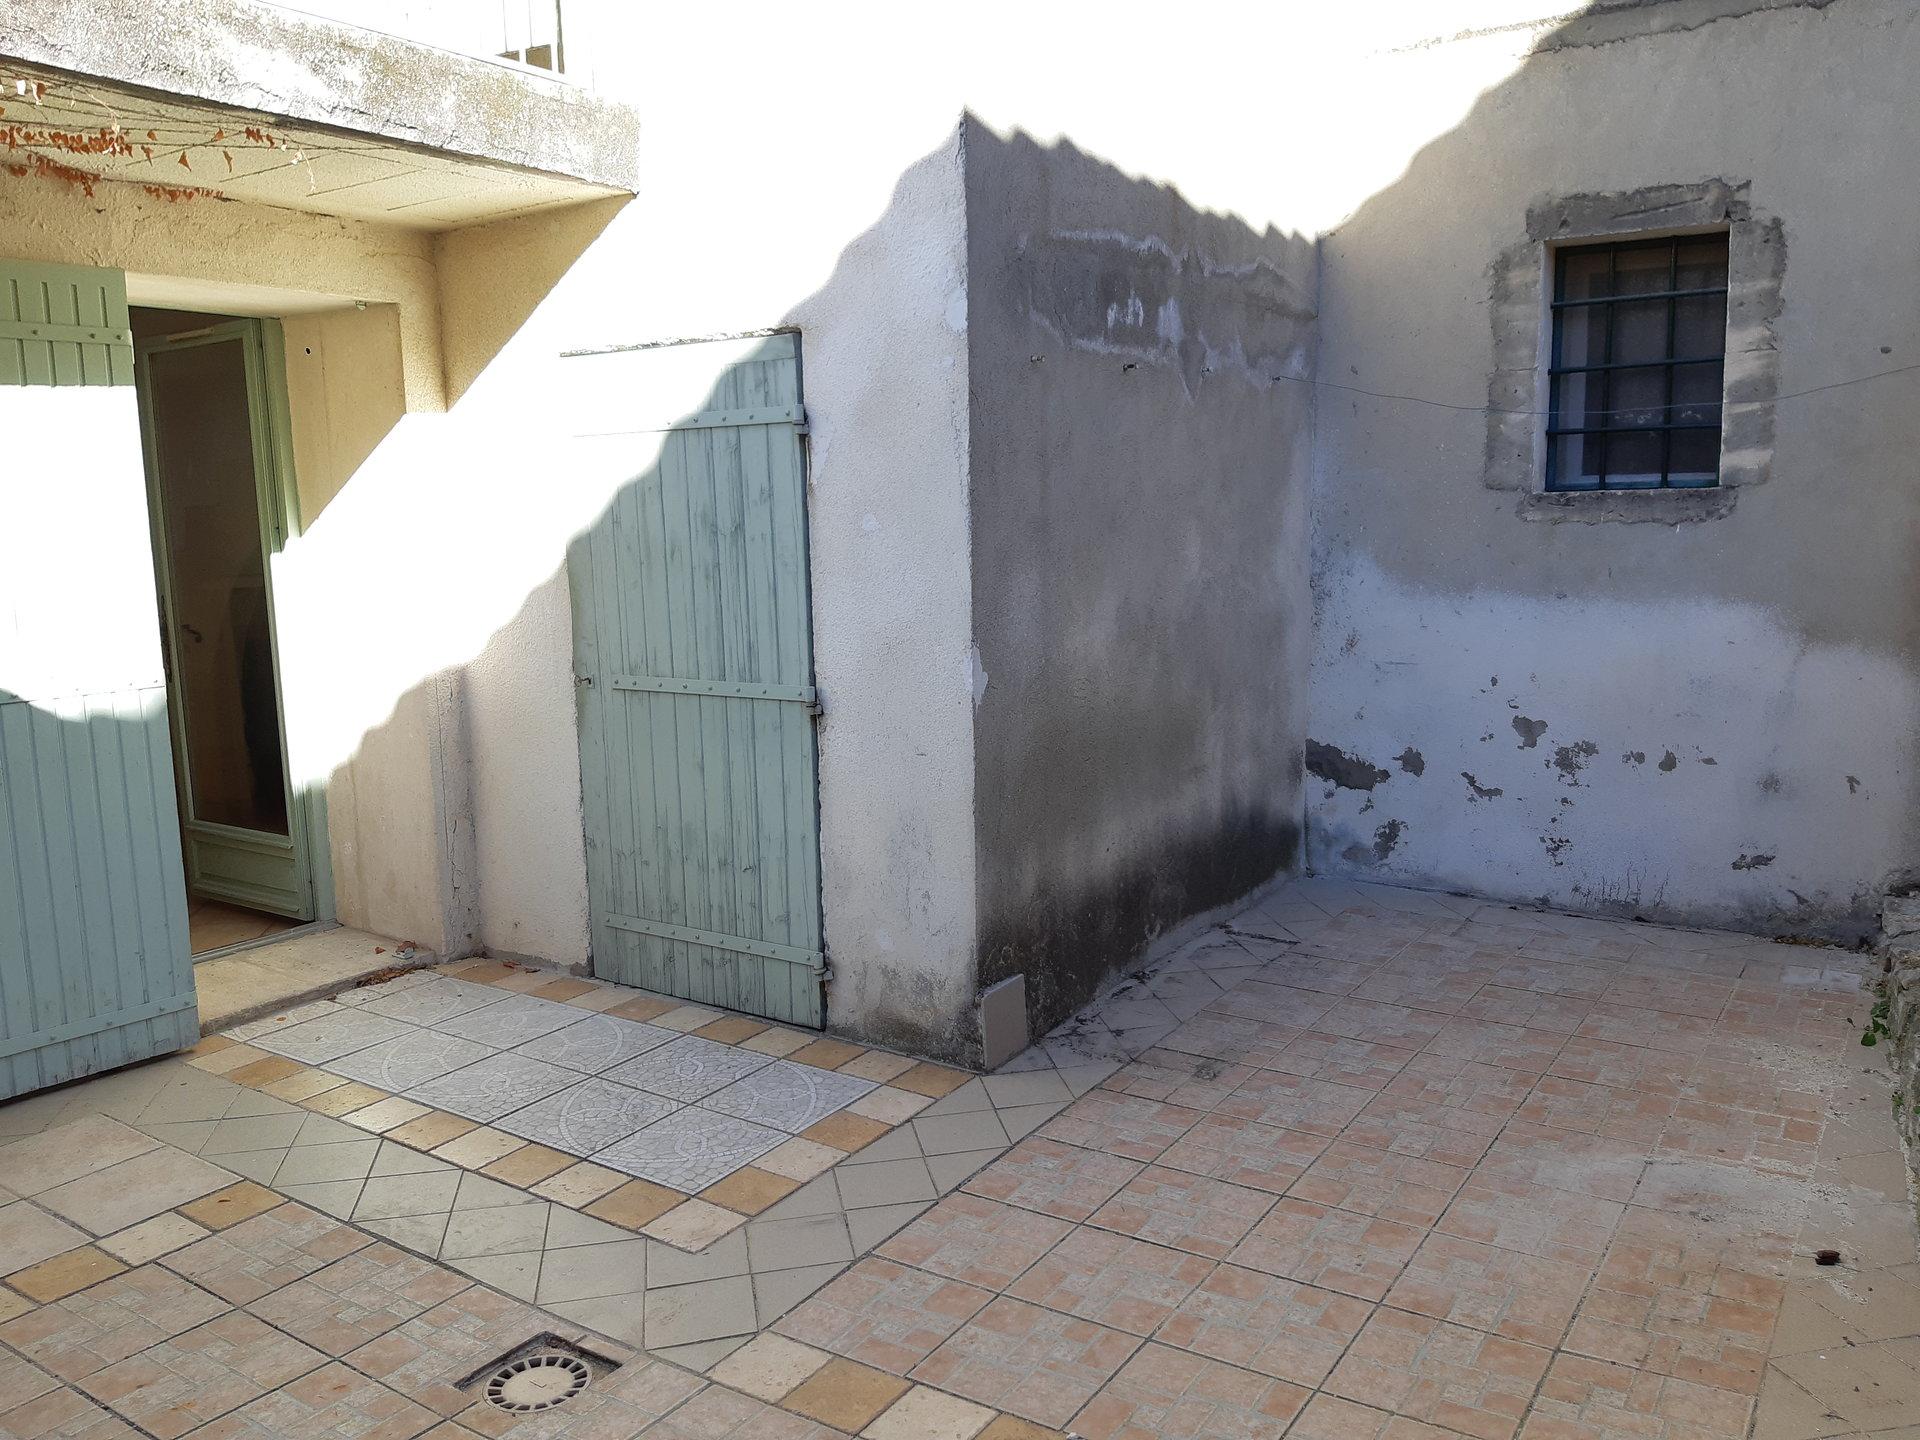 Location Maison MAUSSANE-LES-ALPILLES Mandat : 0137